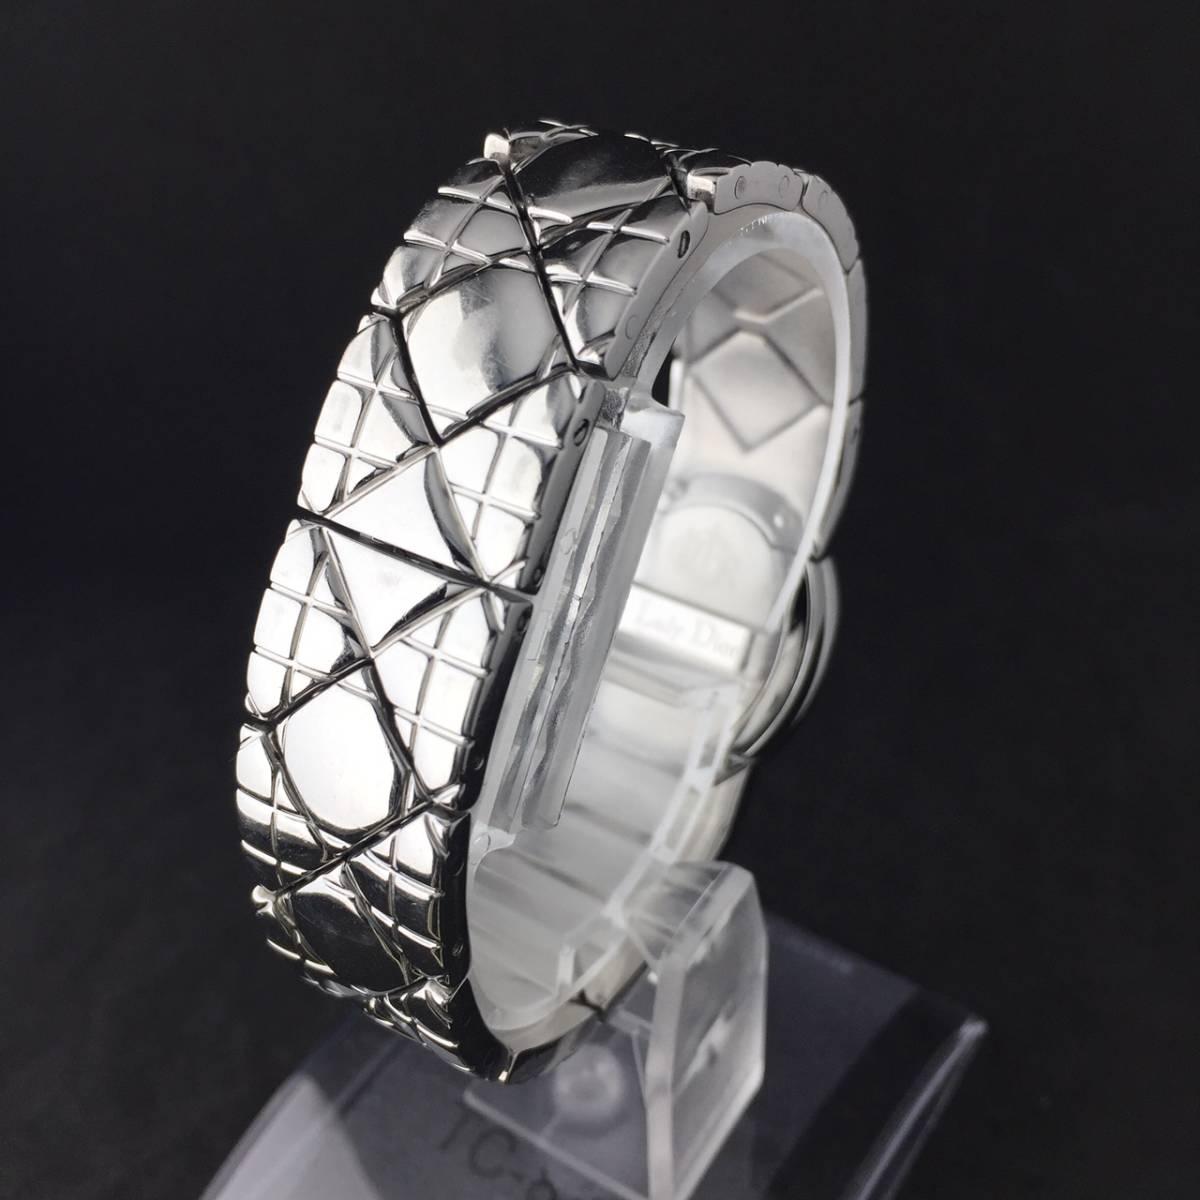 【1円良品】Christian Dior クリスチャン ディオール 腕時計 レディース D90-100 1P ダイヤ シェル文字盤 稼動品_画像6